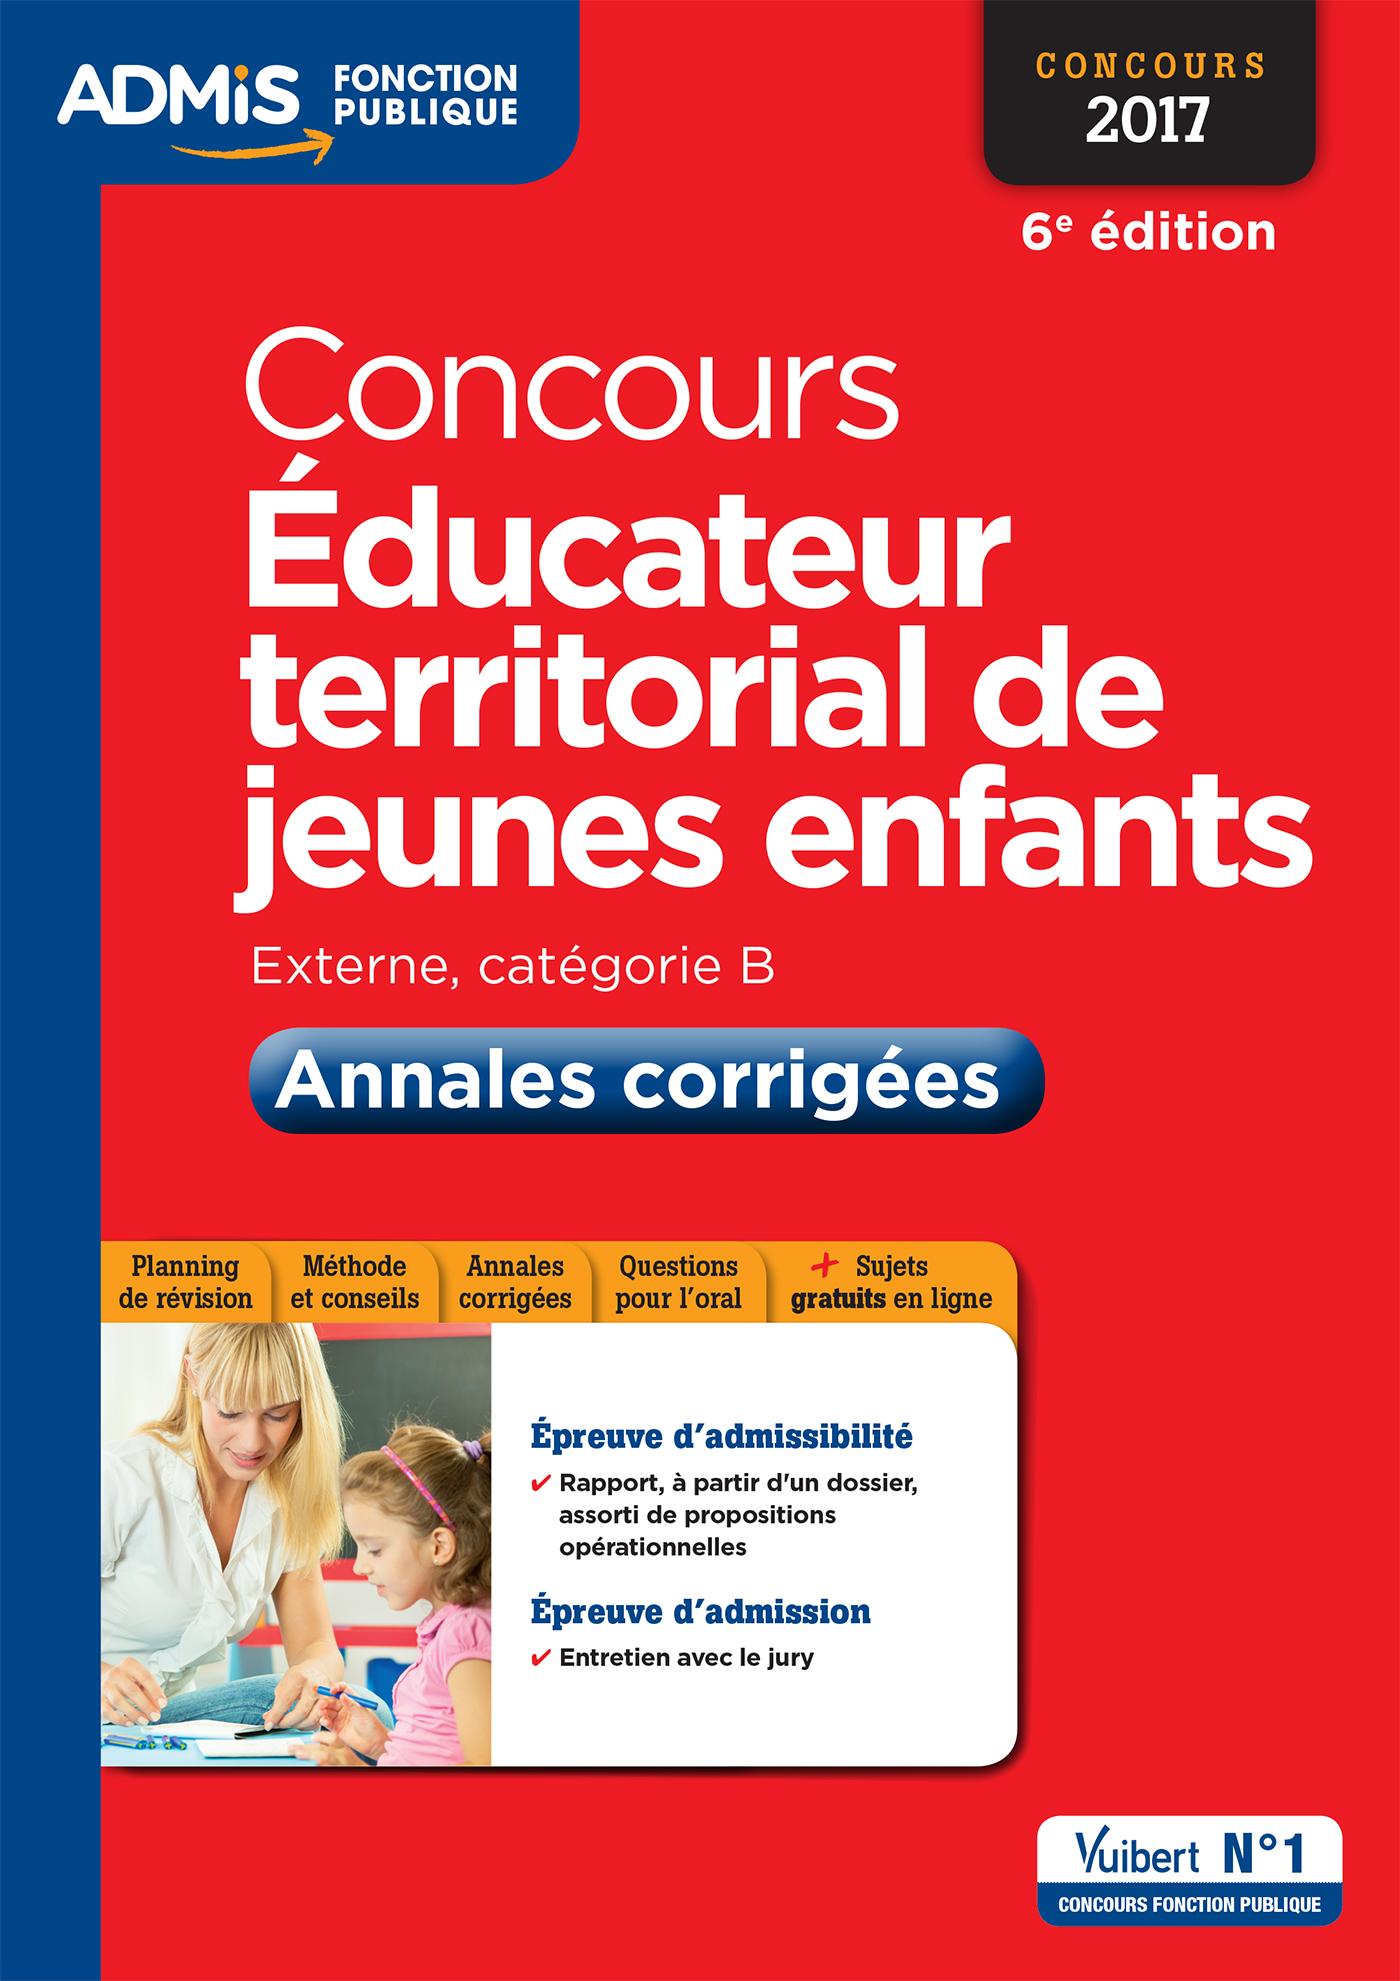 Concours ducateur territorial de jeunes enfants for Educateur de jeunes enfants